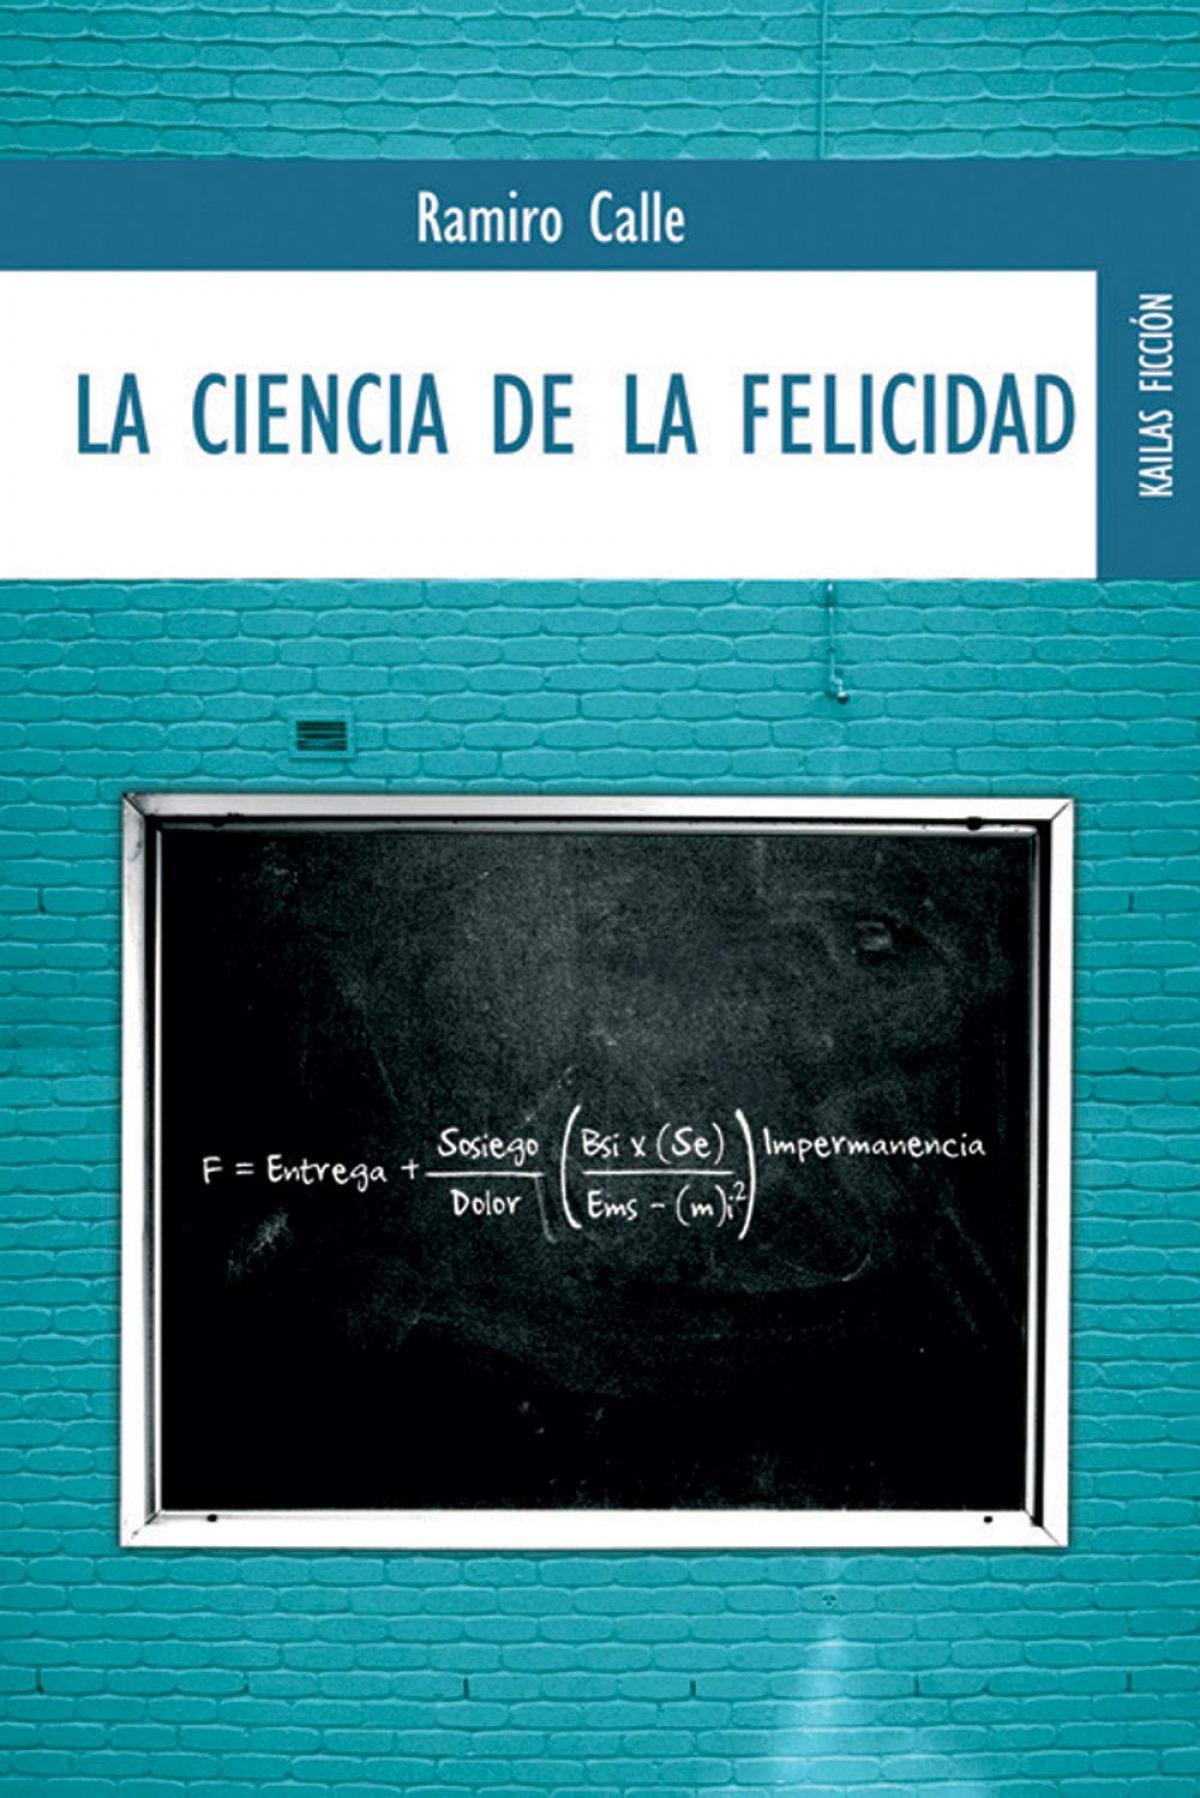 La ciencia de la felicidad 9788489624382